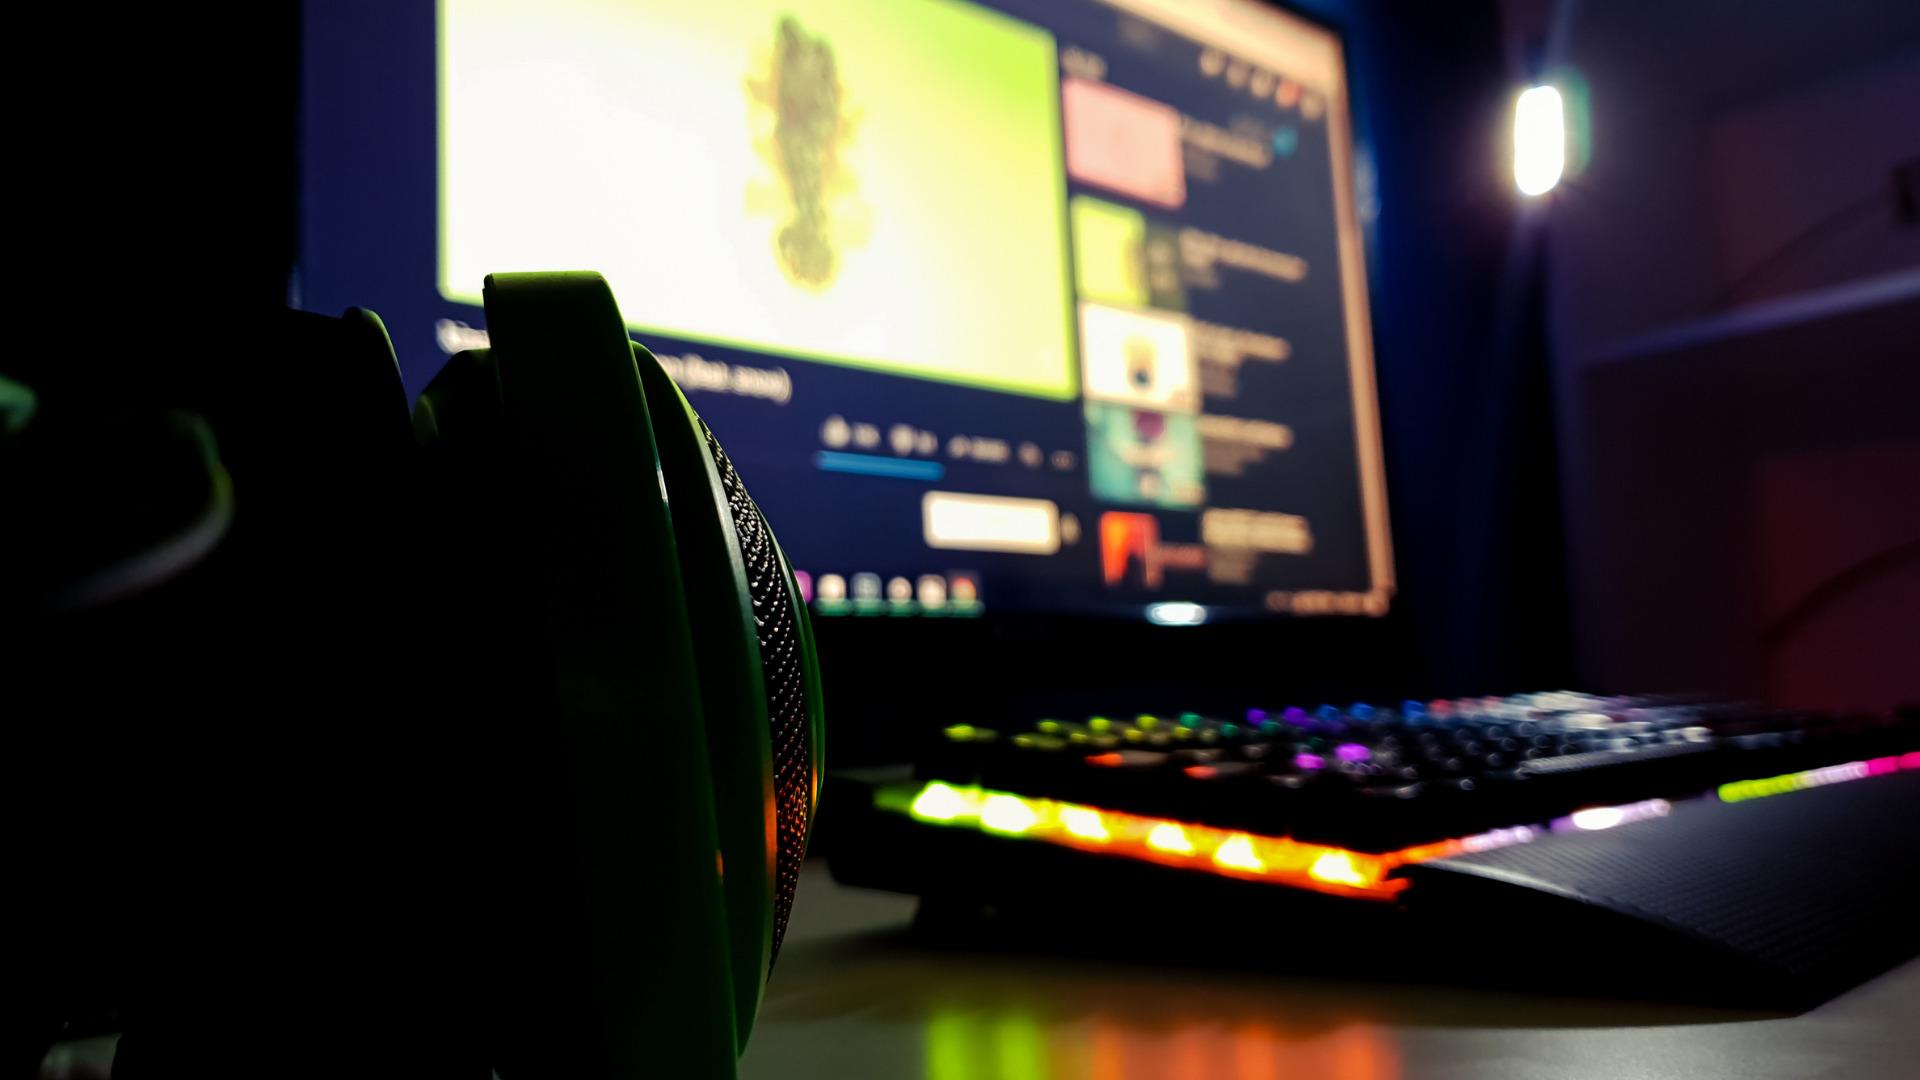 ゲーム以外にも動画編集や仕事で使えるゲーミングモニター